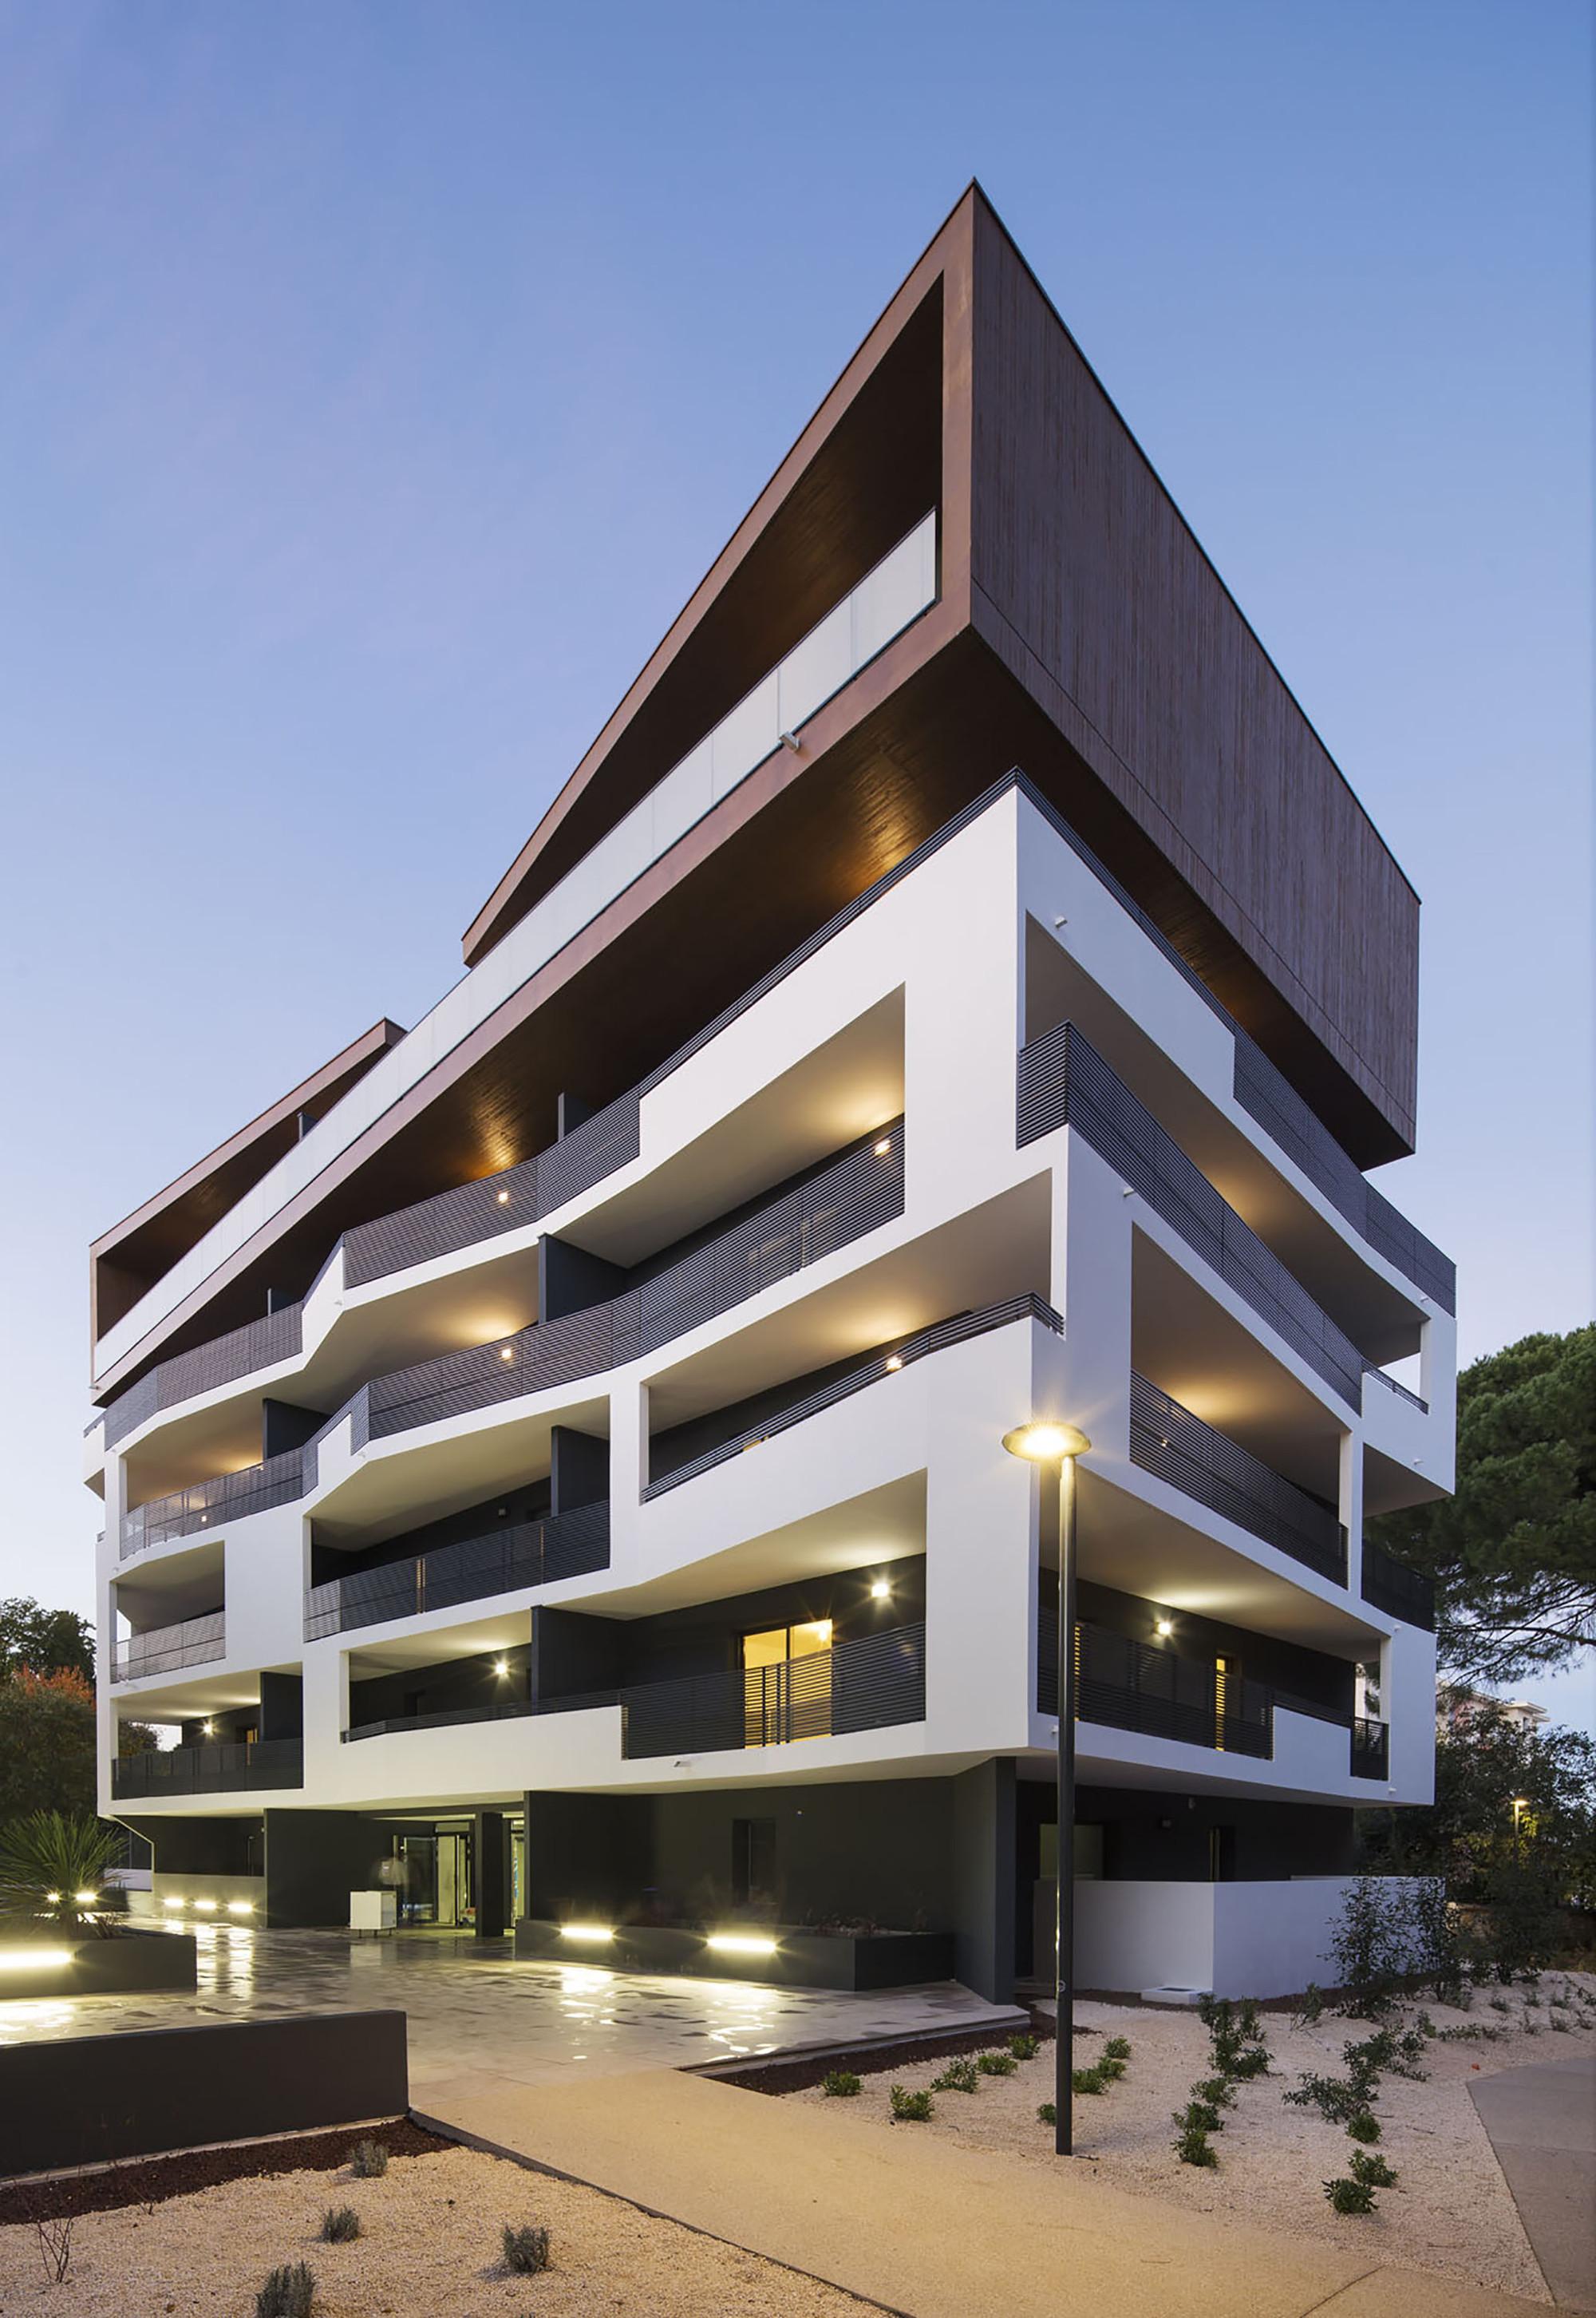 Galer a de vivienda 32 mdr architectes 17 for Design 8 hotel soest